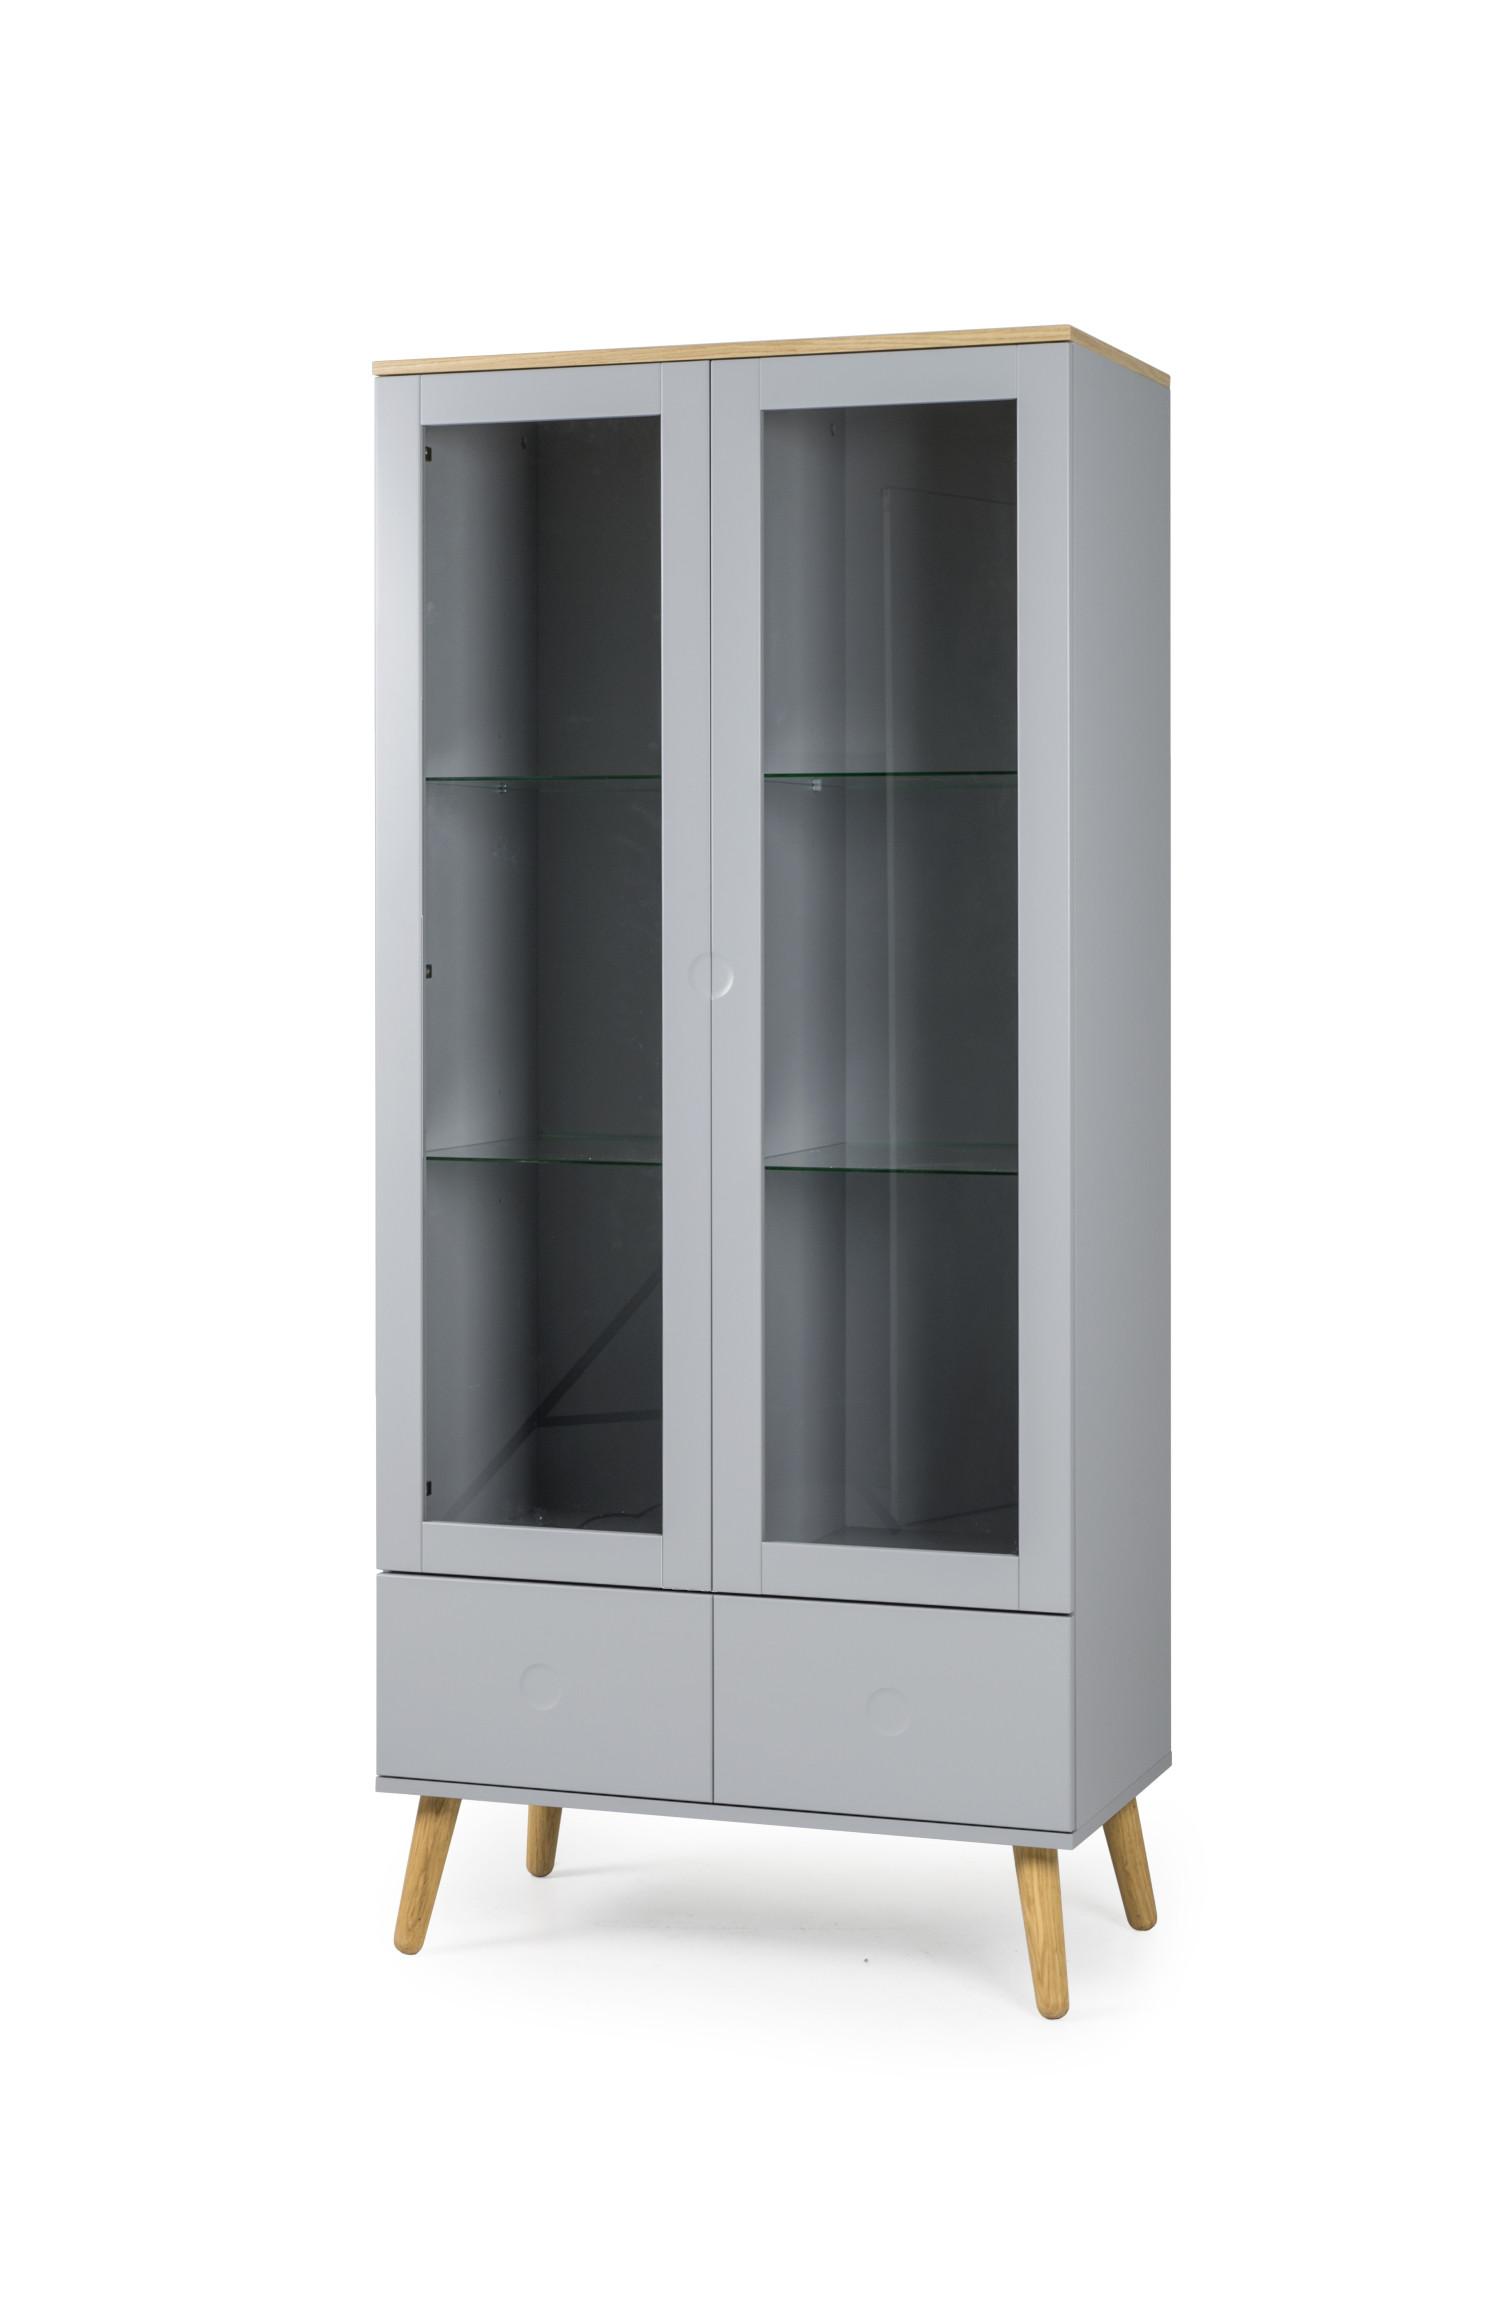 dot vitrine med 2 glasl ger og 2 ksuffer med topplade og ben i eg. Black Bedroom Furniture Sets. Home Design Ideas